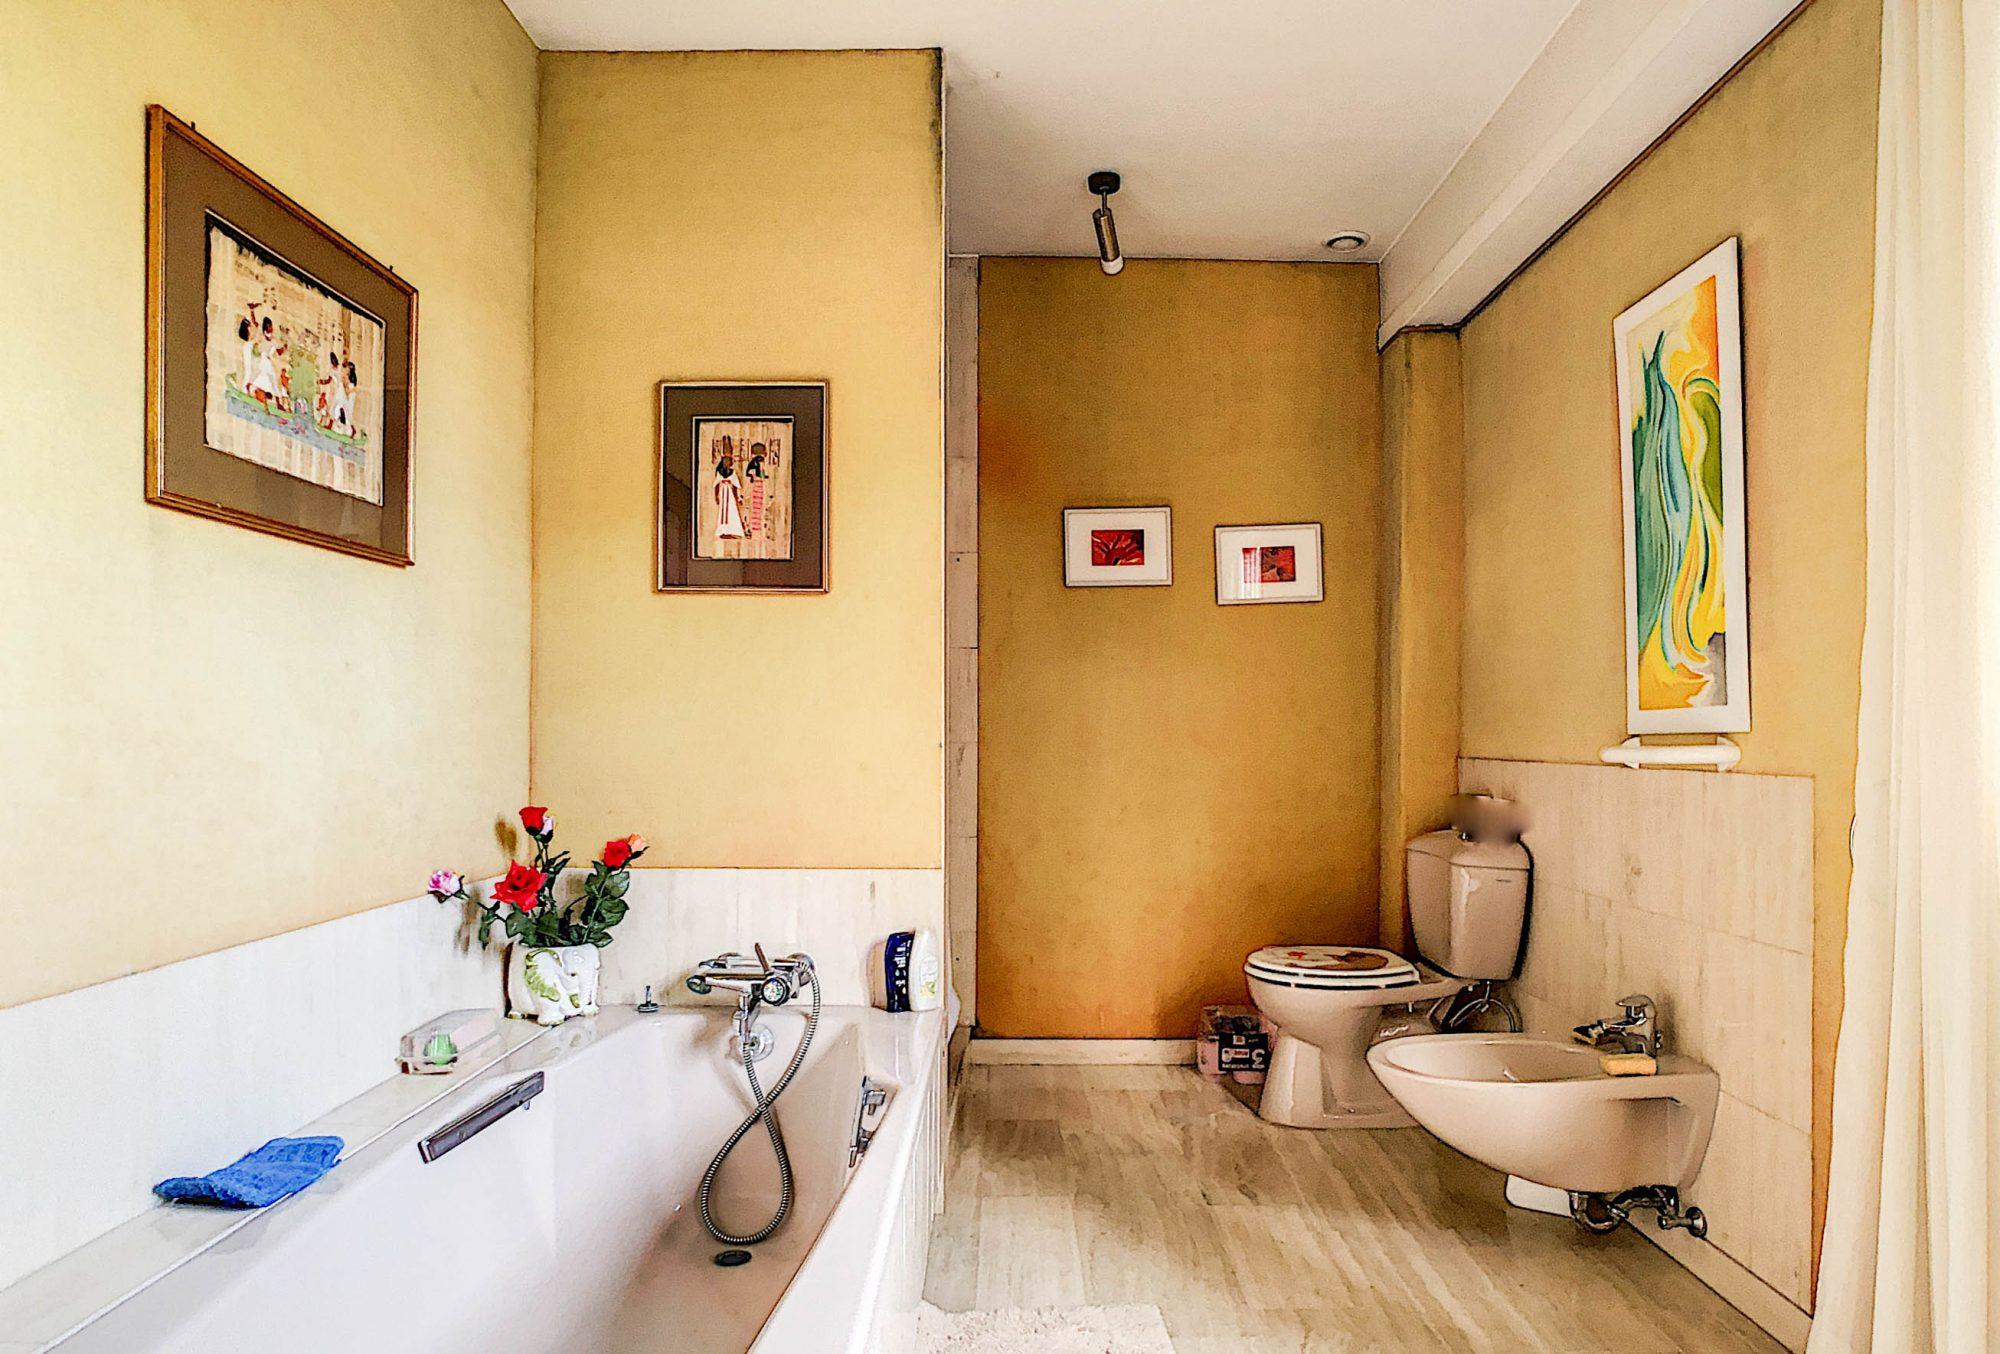 Maison individuelle 8 pièces de 250m2 à Illkirch-Graffenstaden - Devenez propriétaire en toute confiance - Bintz Immobilier - 14